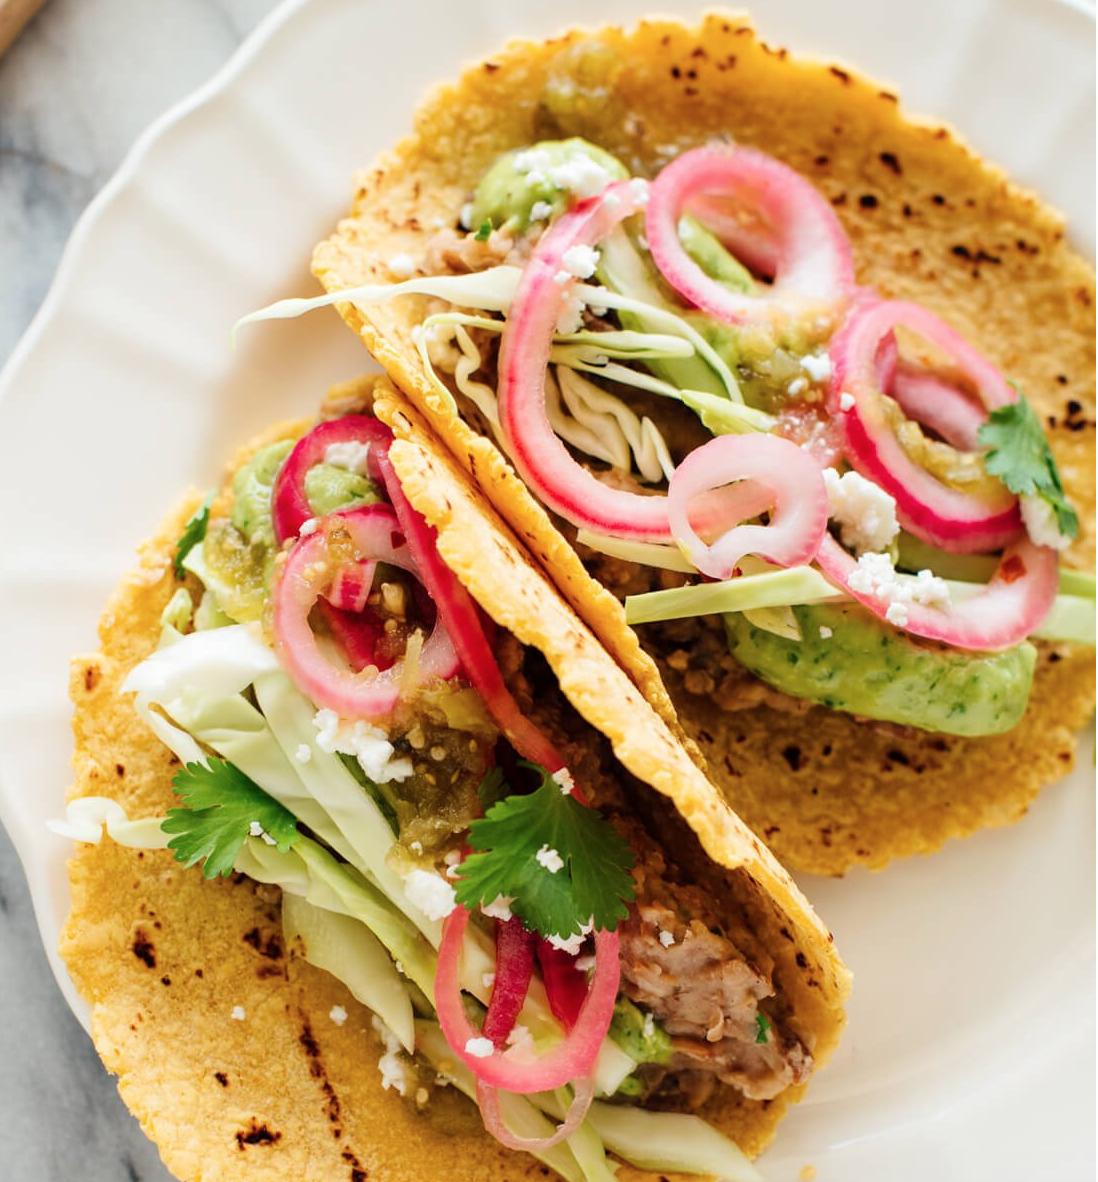 Dr. Dave's Favorite Vegetarian Tacos